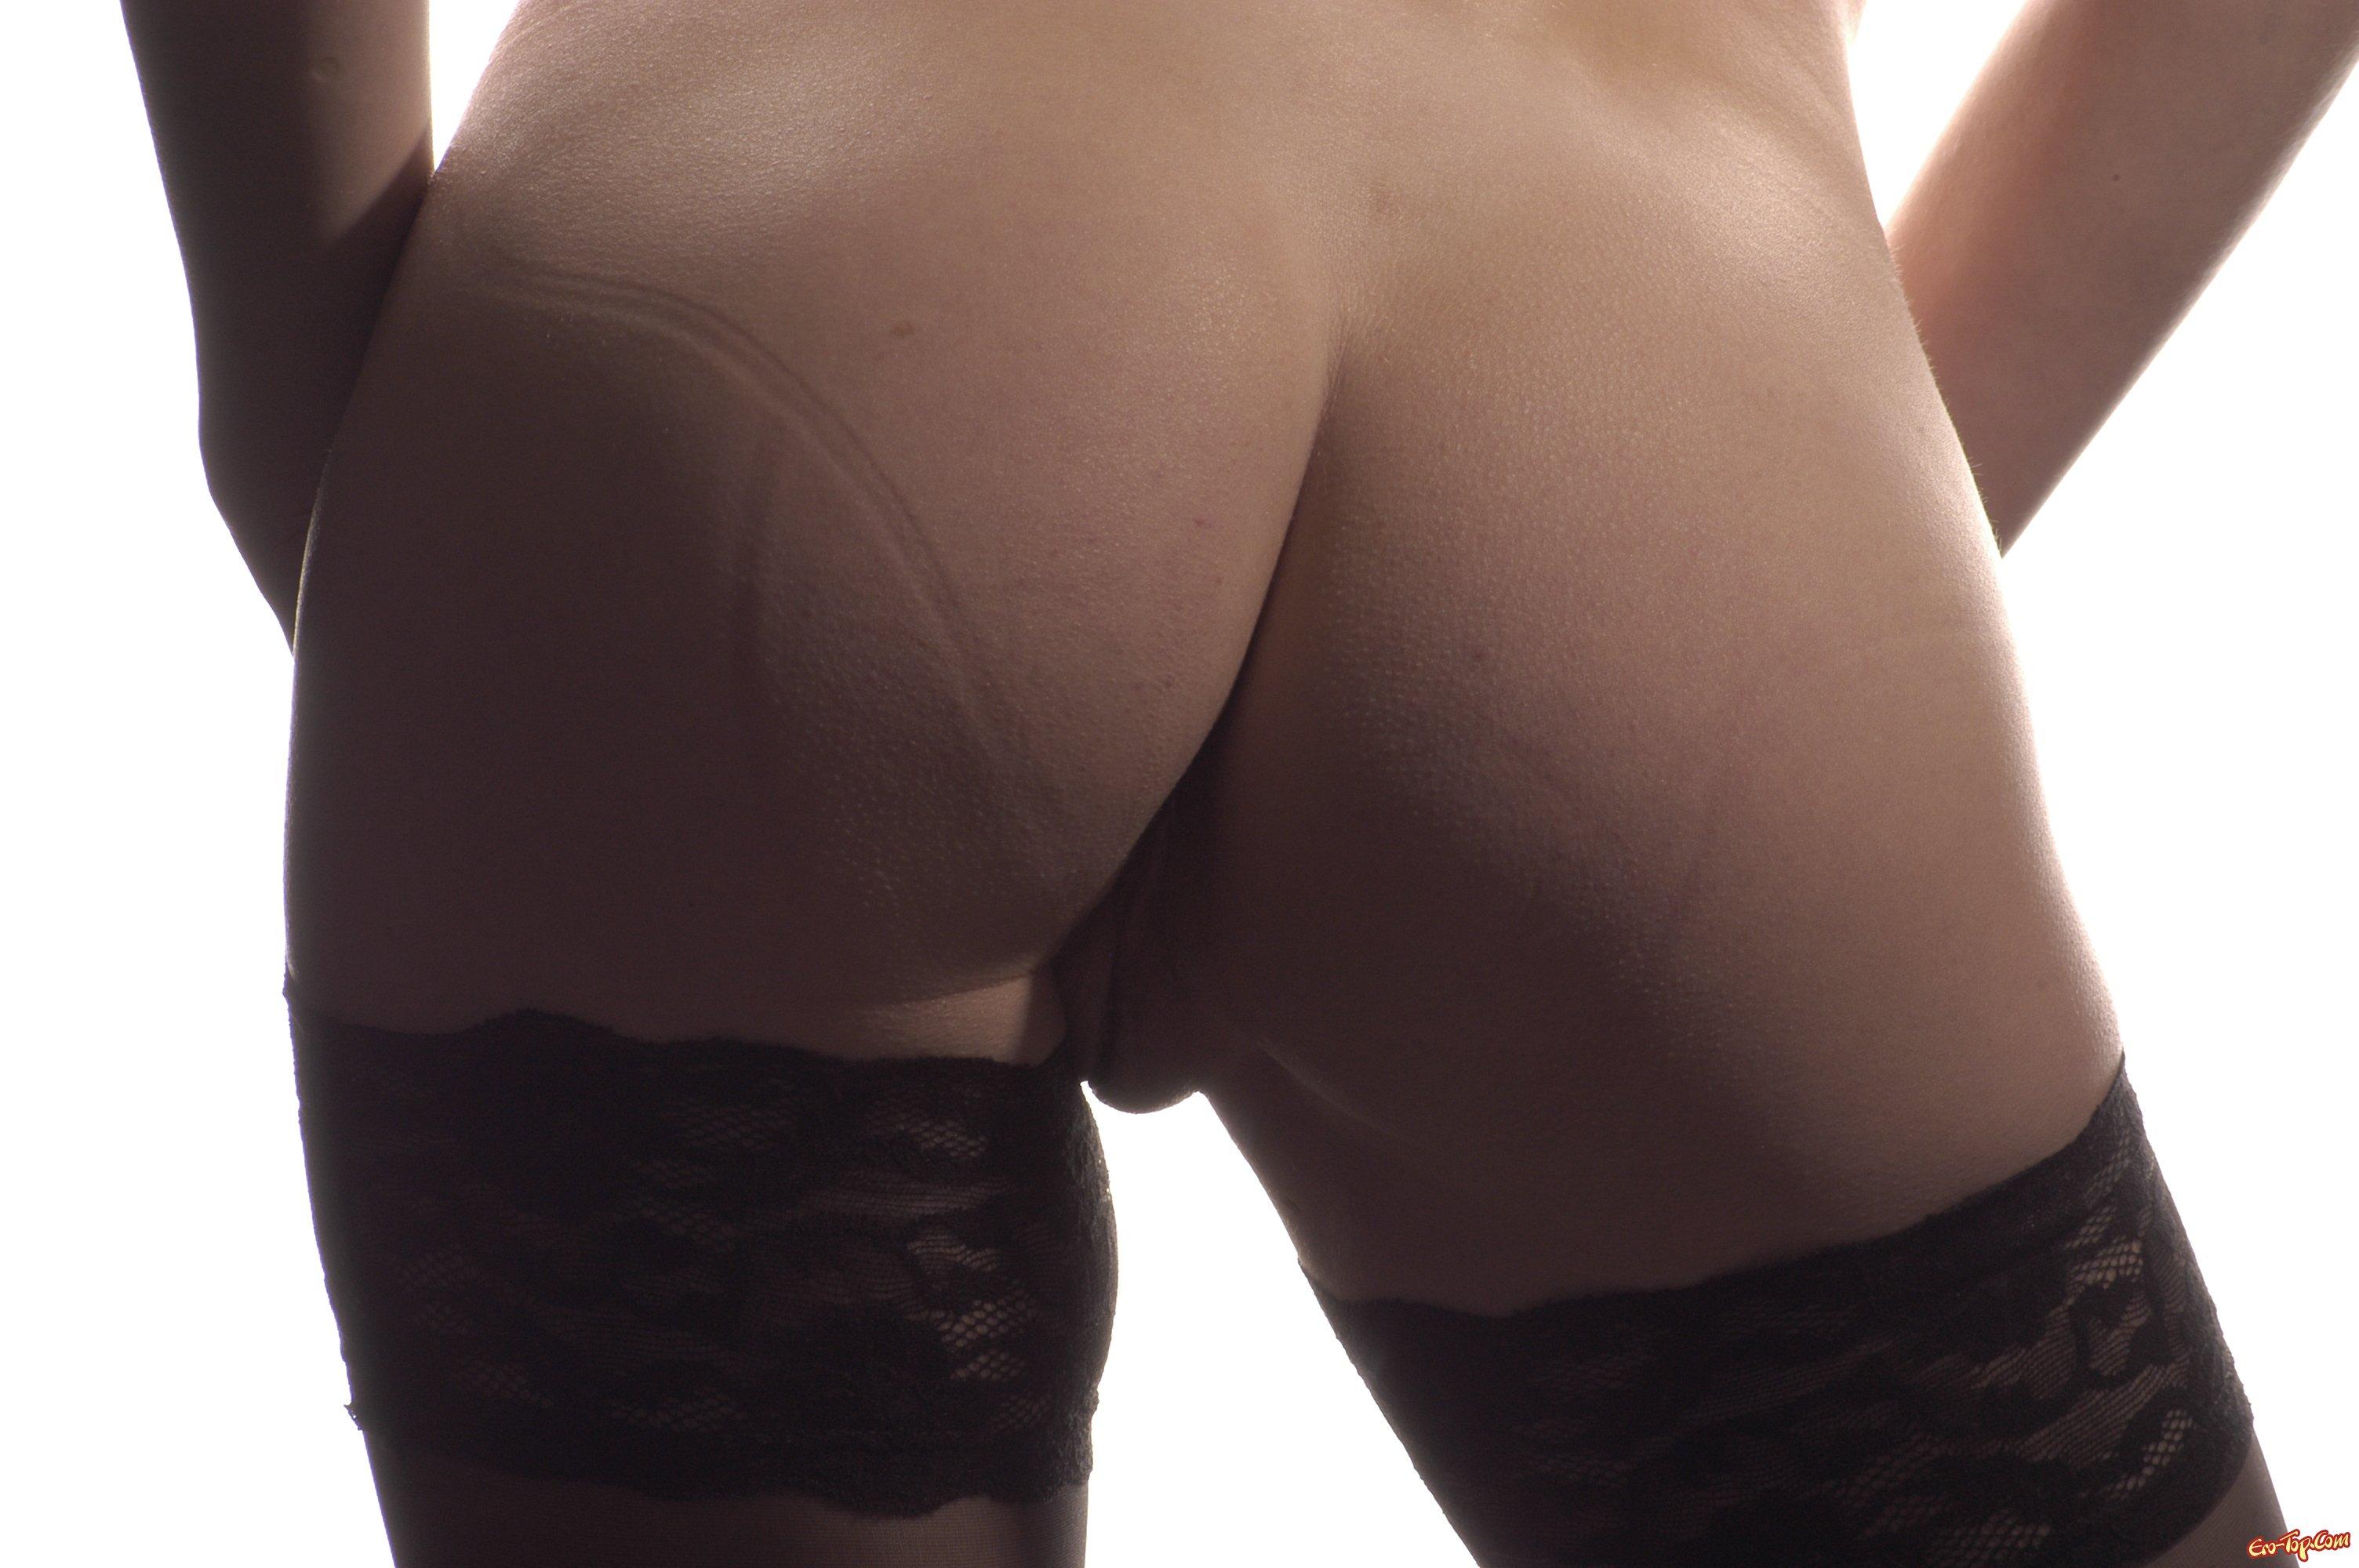 Показала большие круглые сиськи